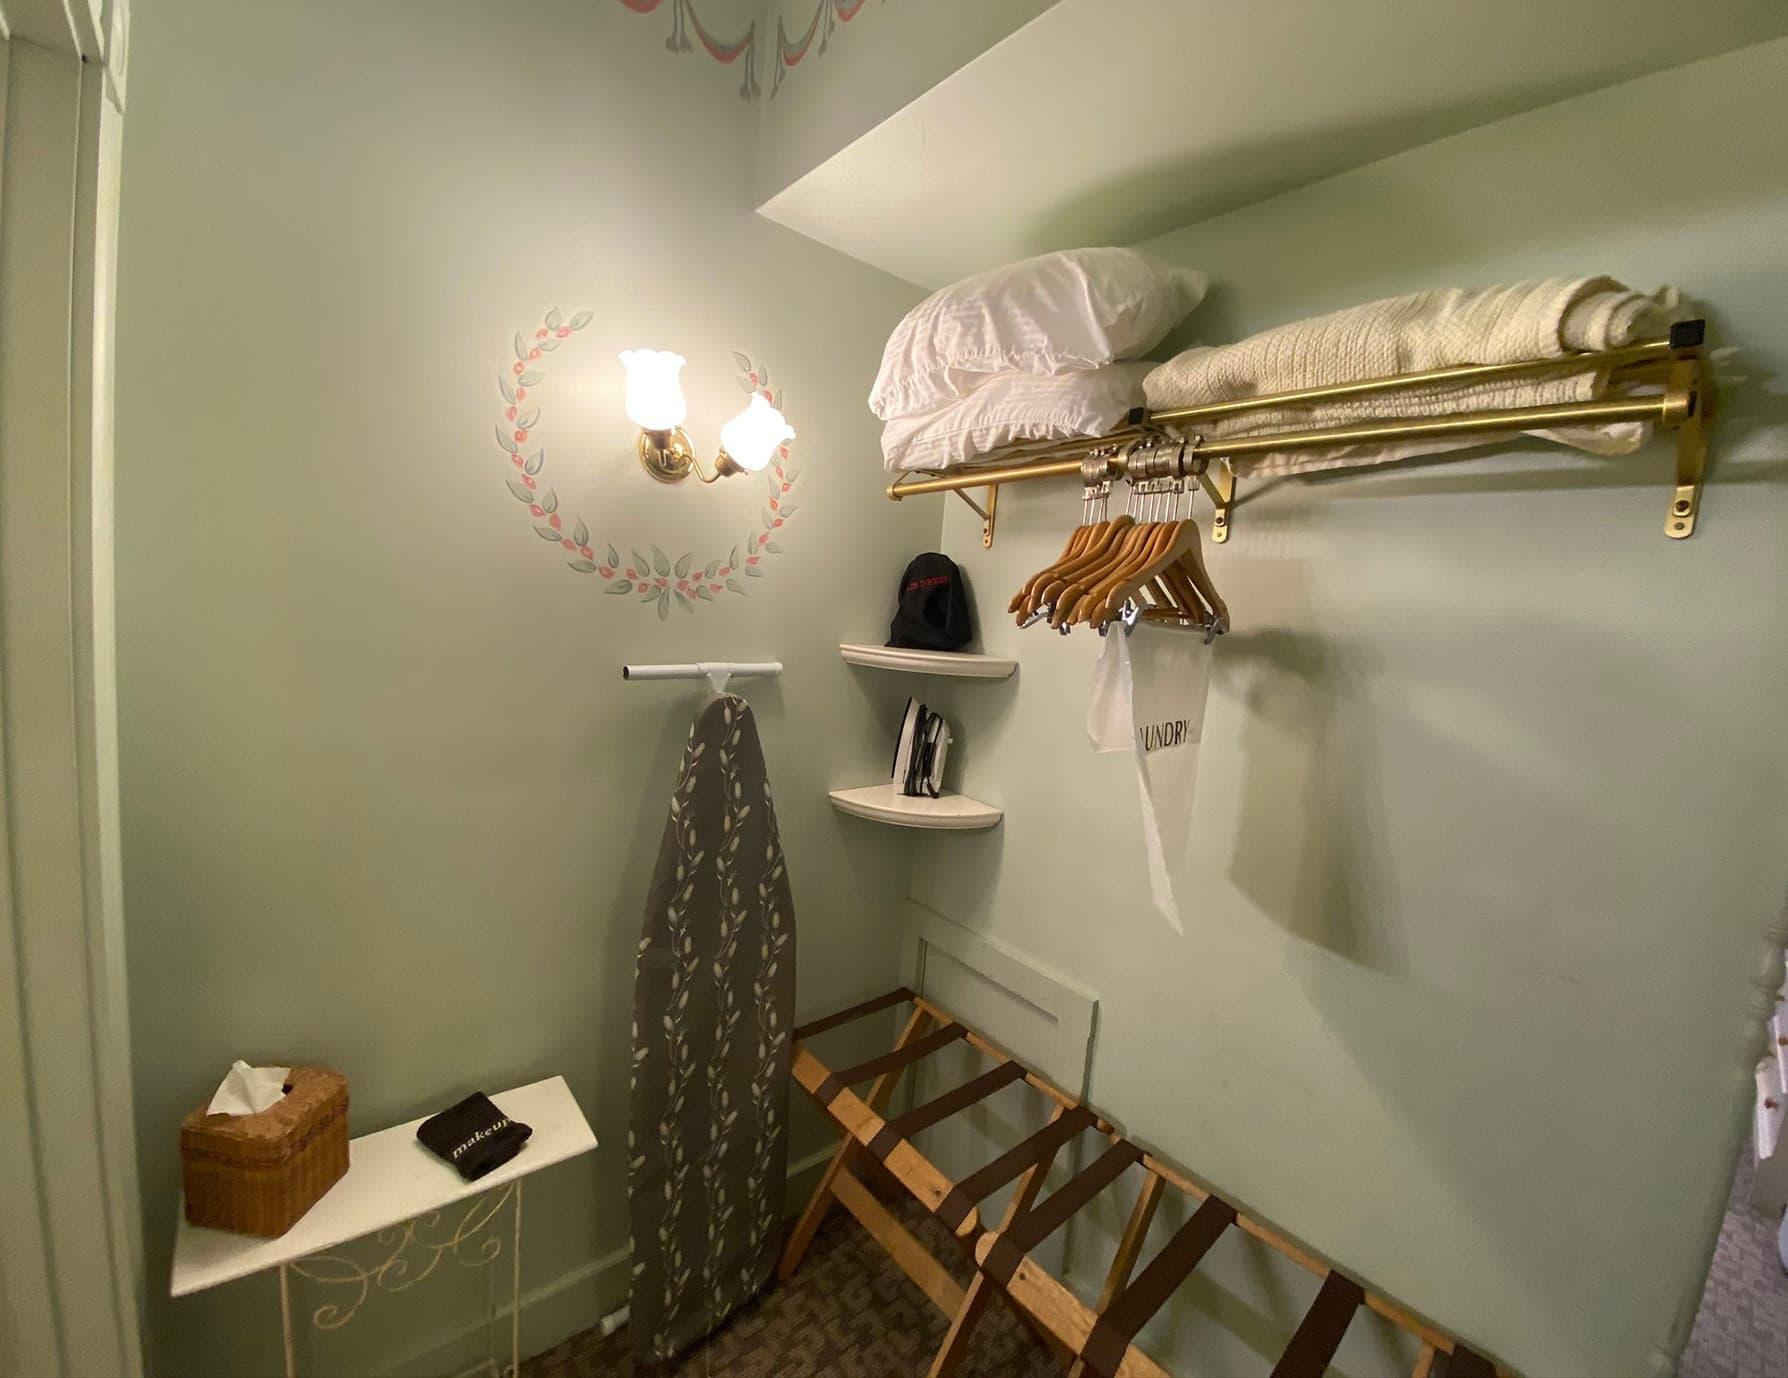 La Savoie Deluxe room closet